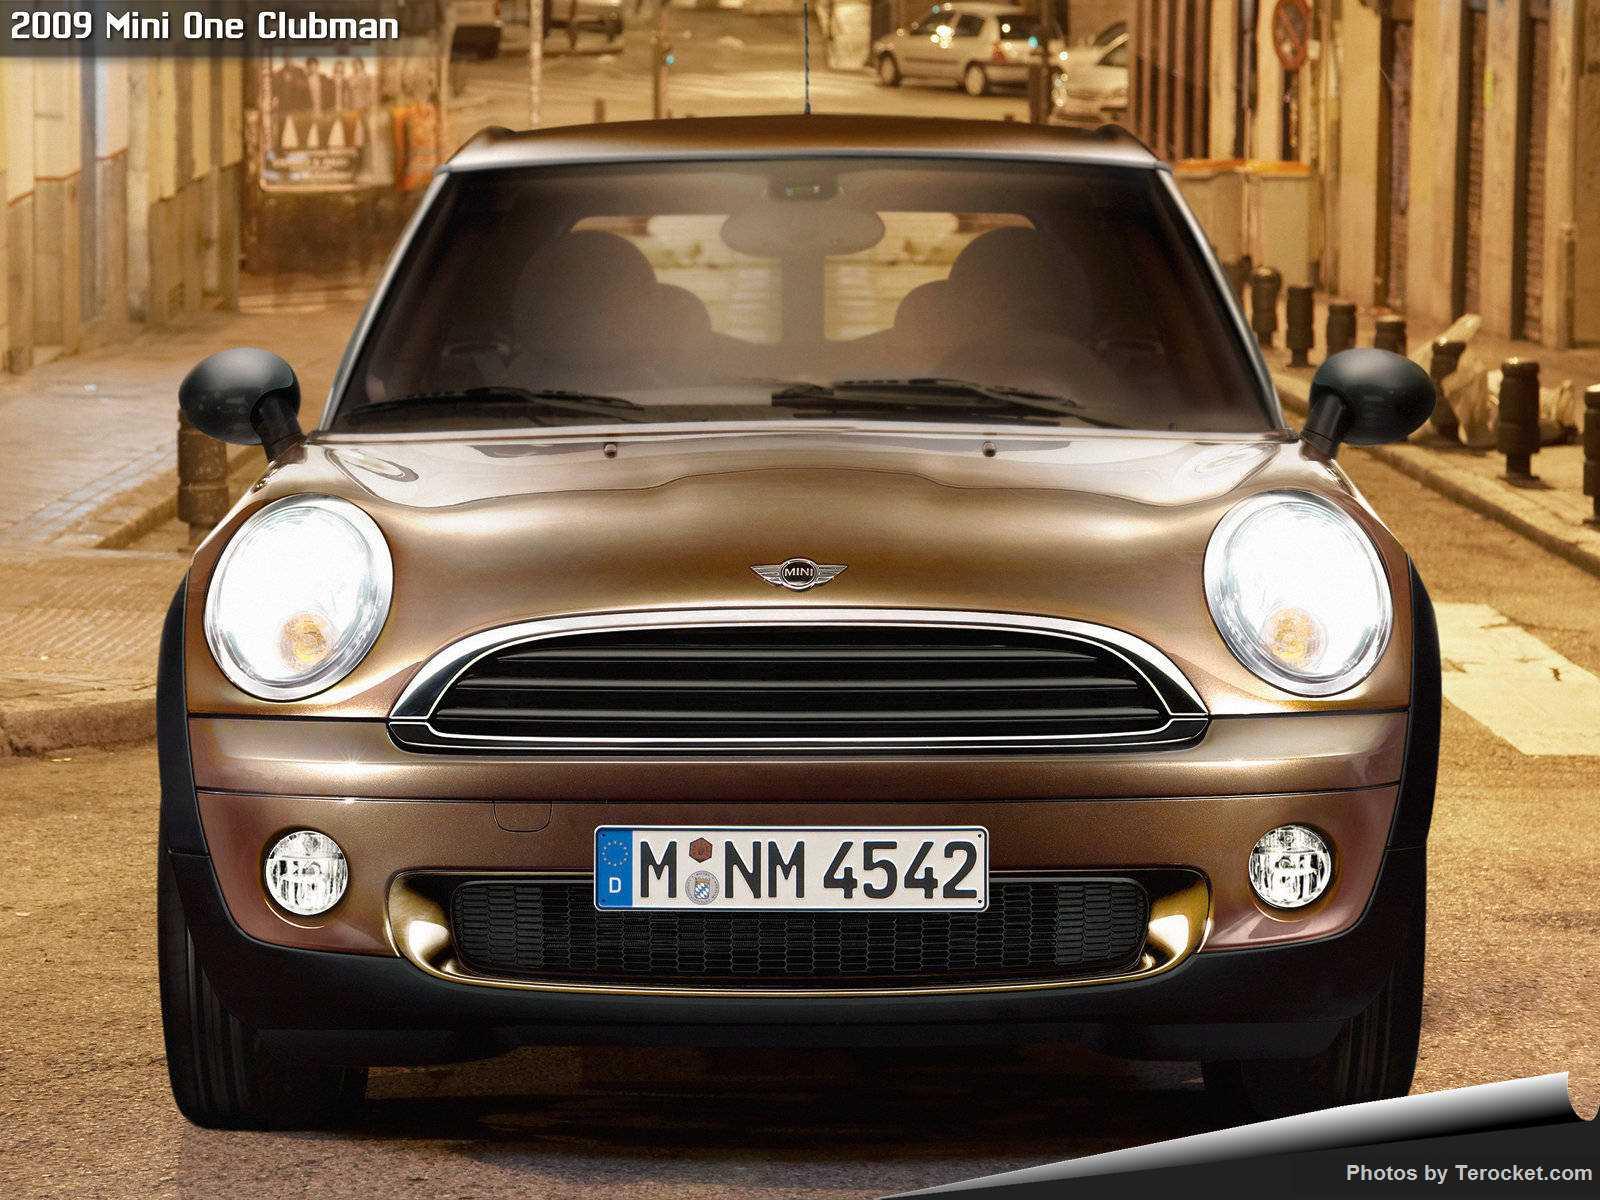 Hình ảnh xe ô tô Mini One Clubman 2009 & nội ngoại thất